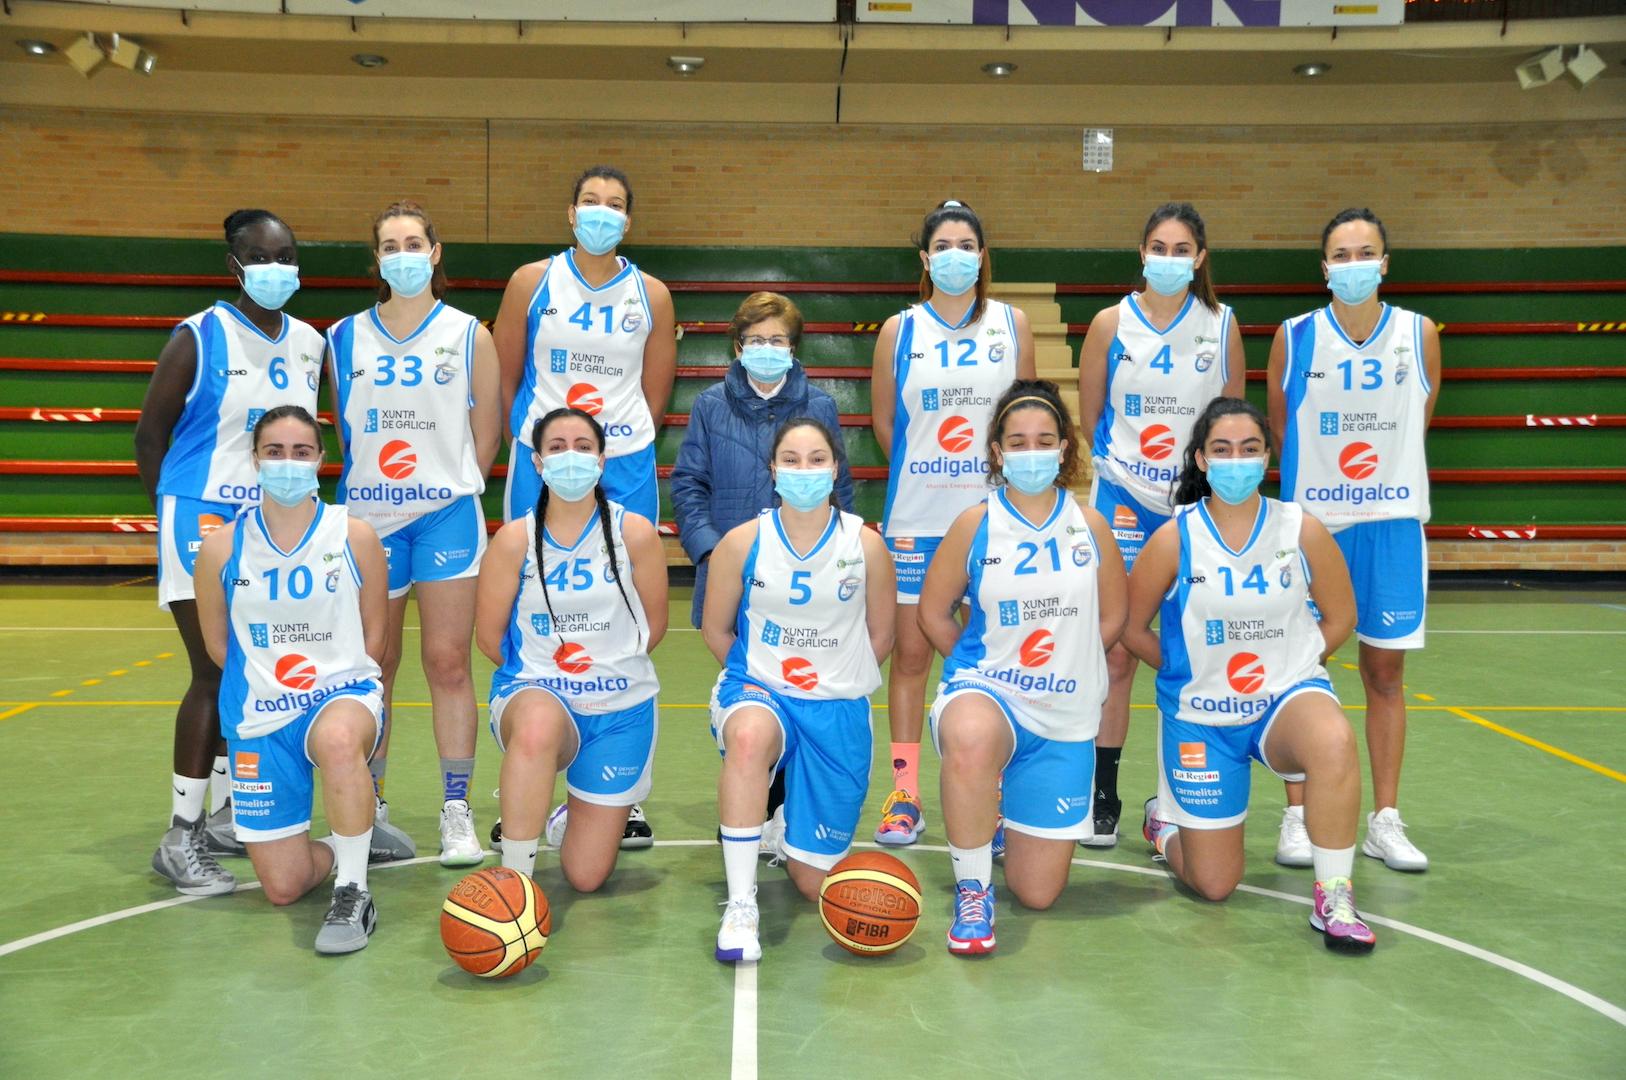 Previa 1ª Div. Nac. Fem.: Codigalco Carmelitas vs Universidad de Oviedo